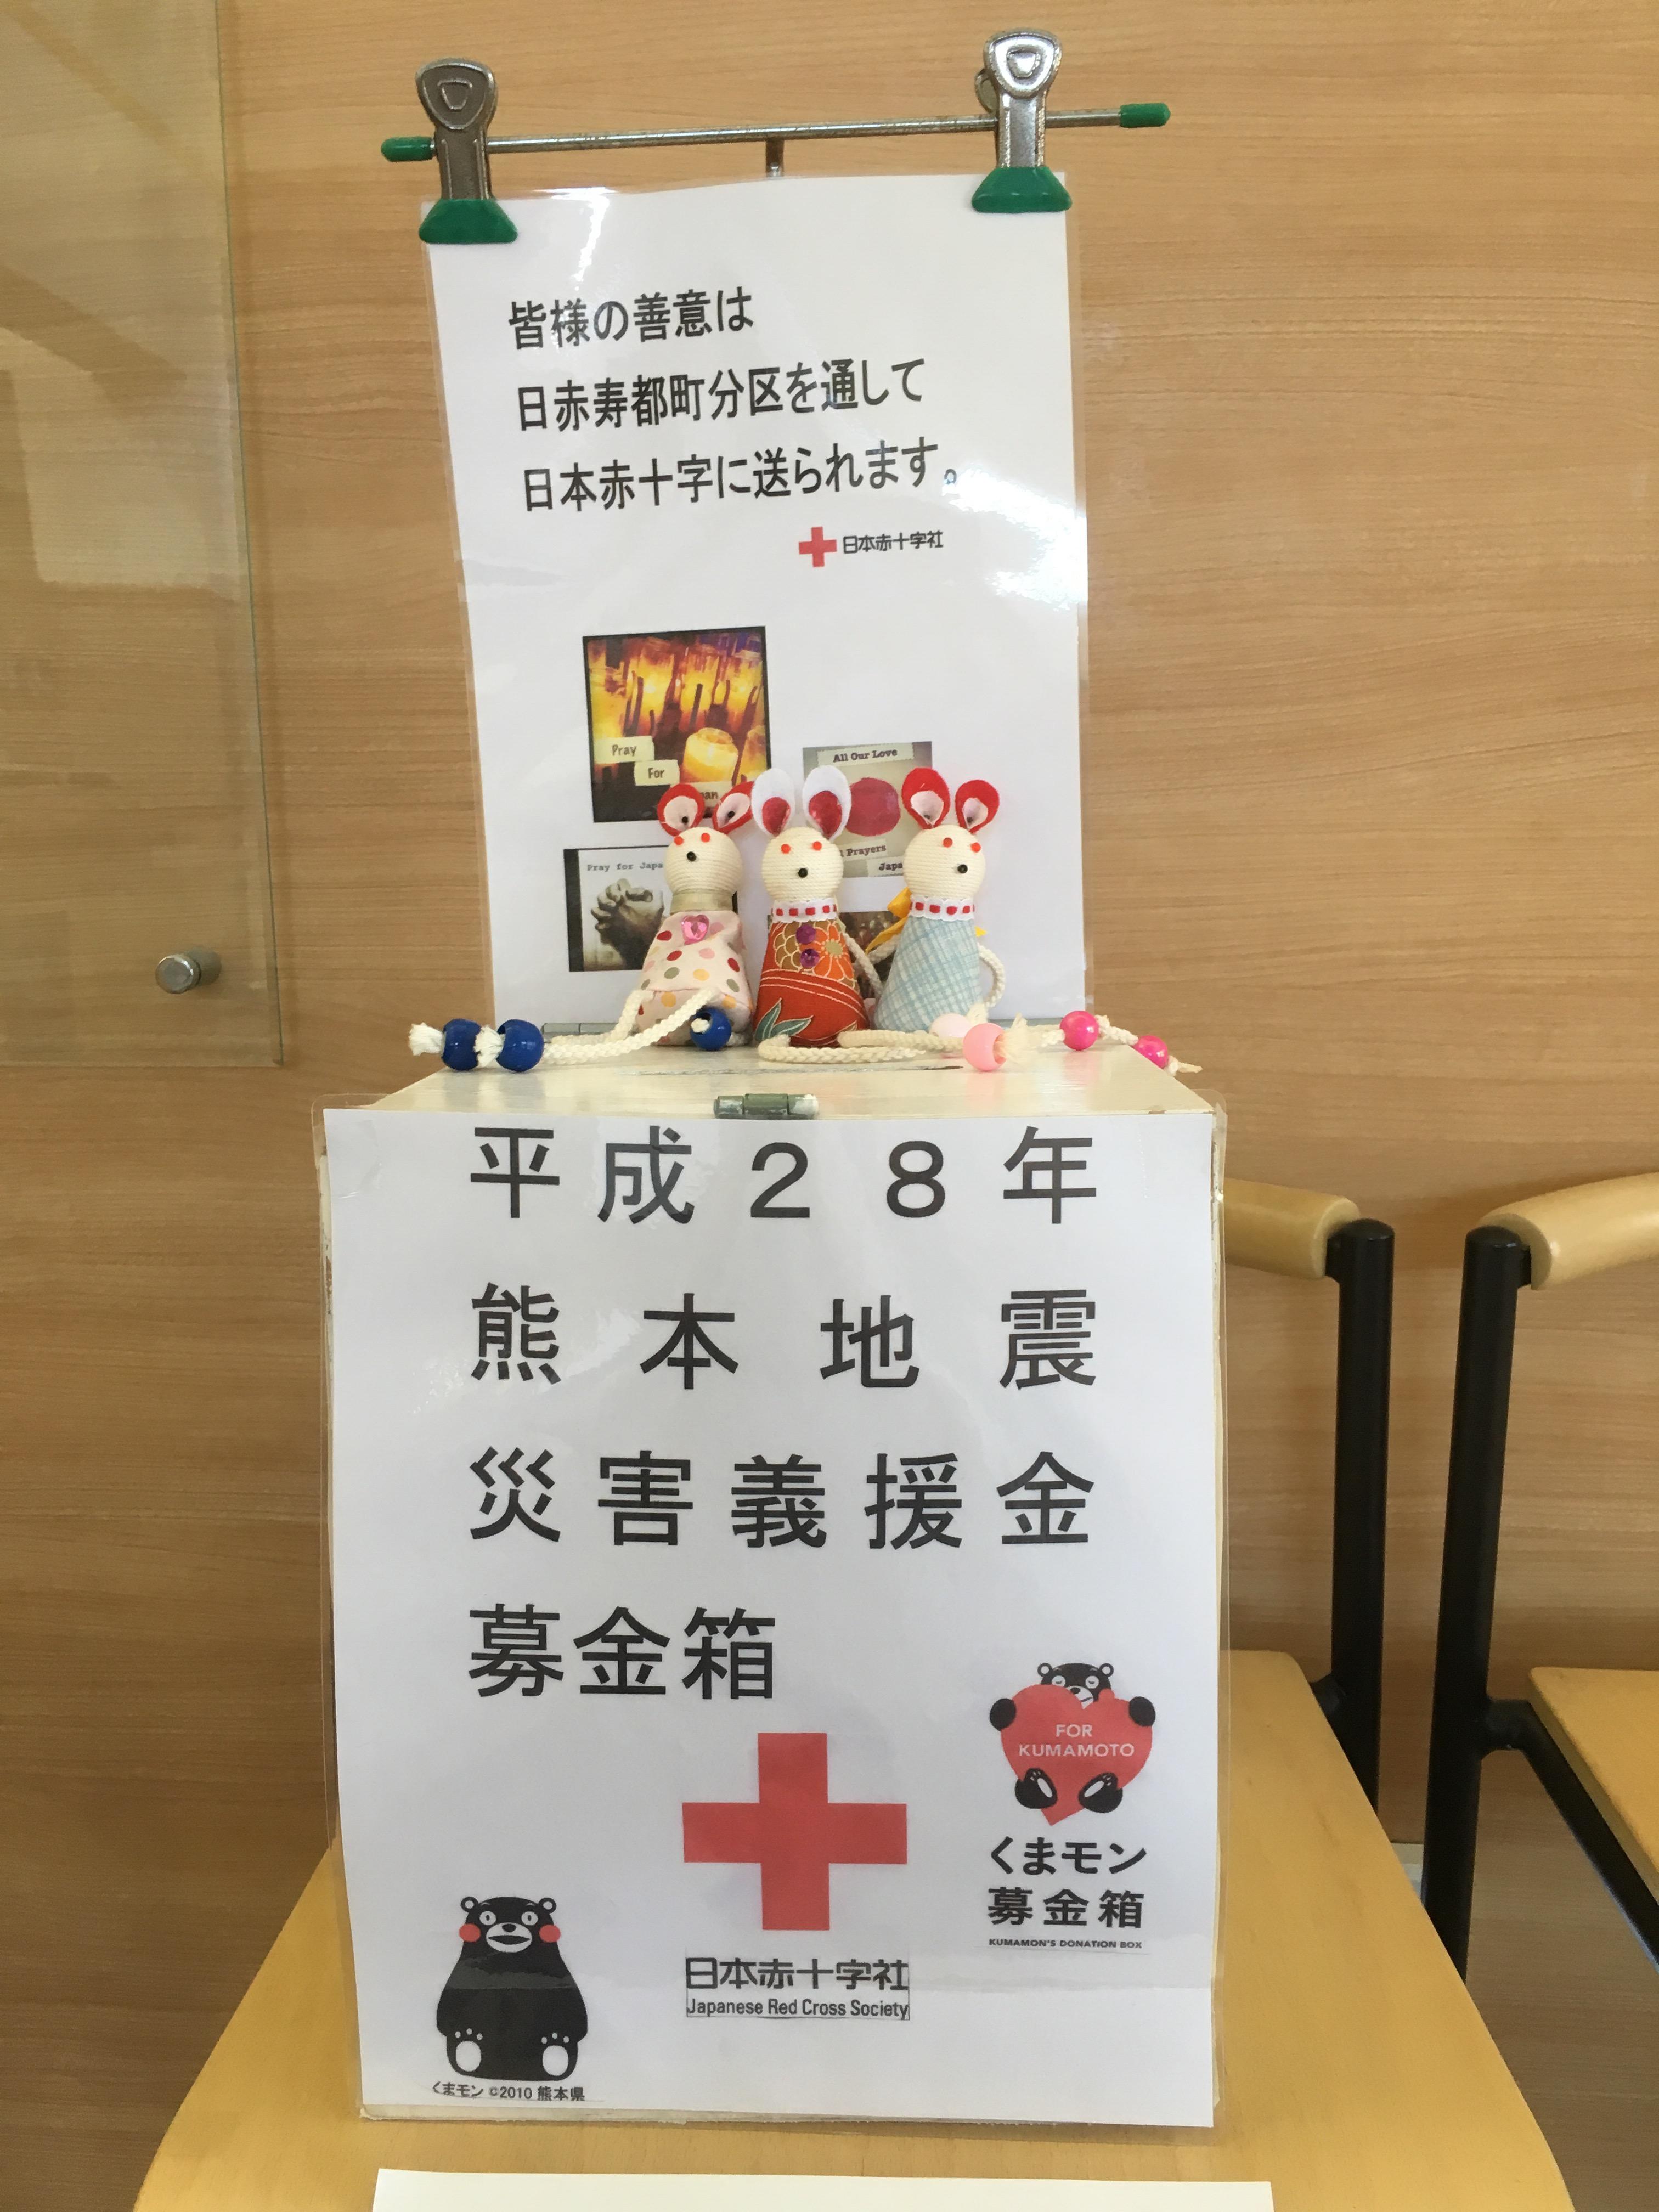 熊本地震災害援助金募金箱設置しました